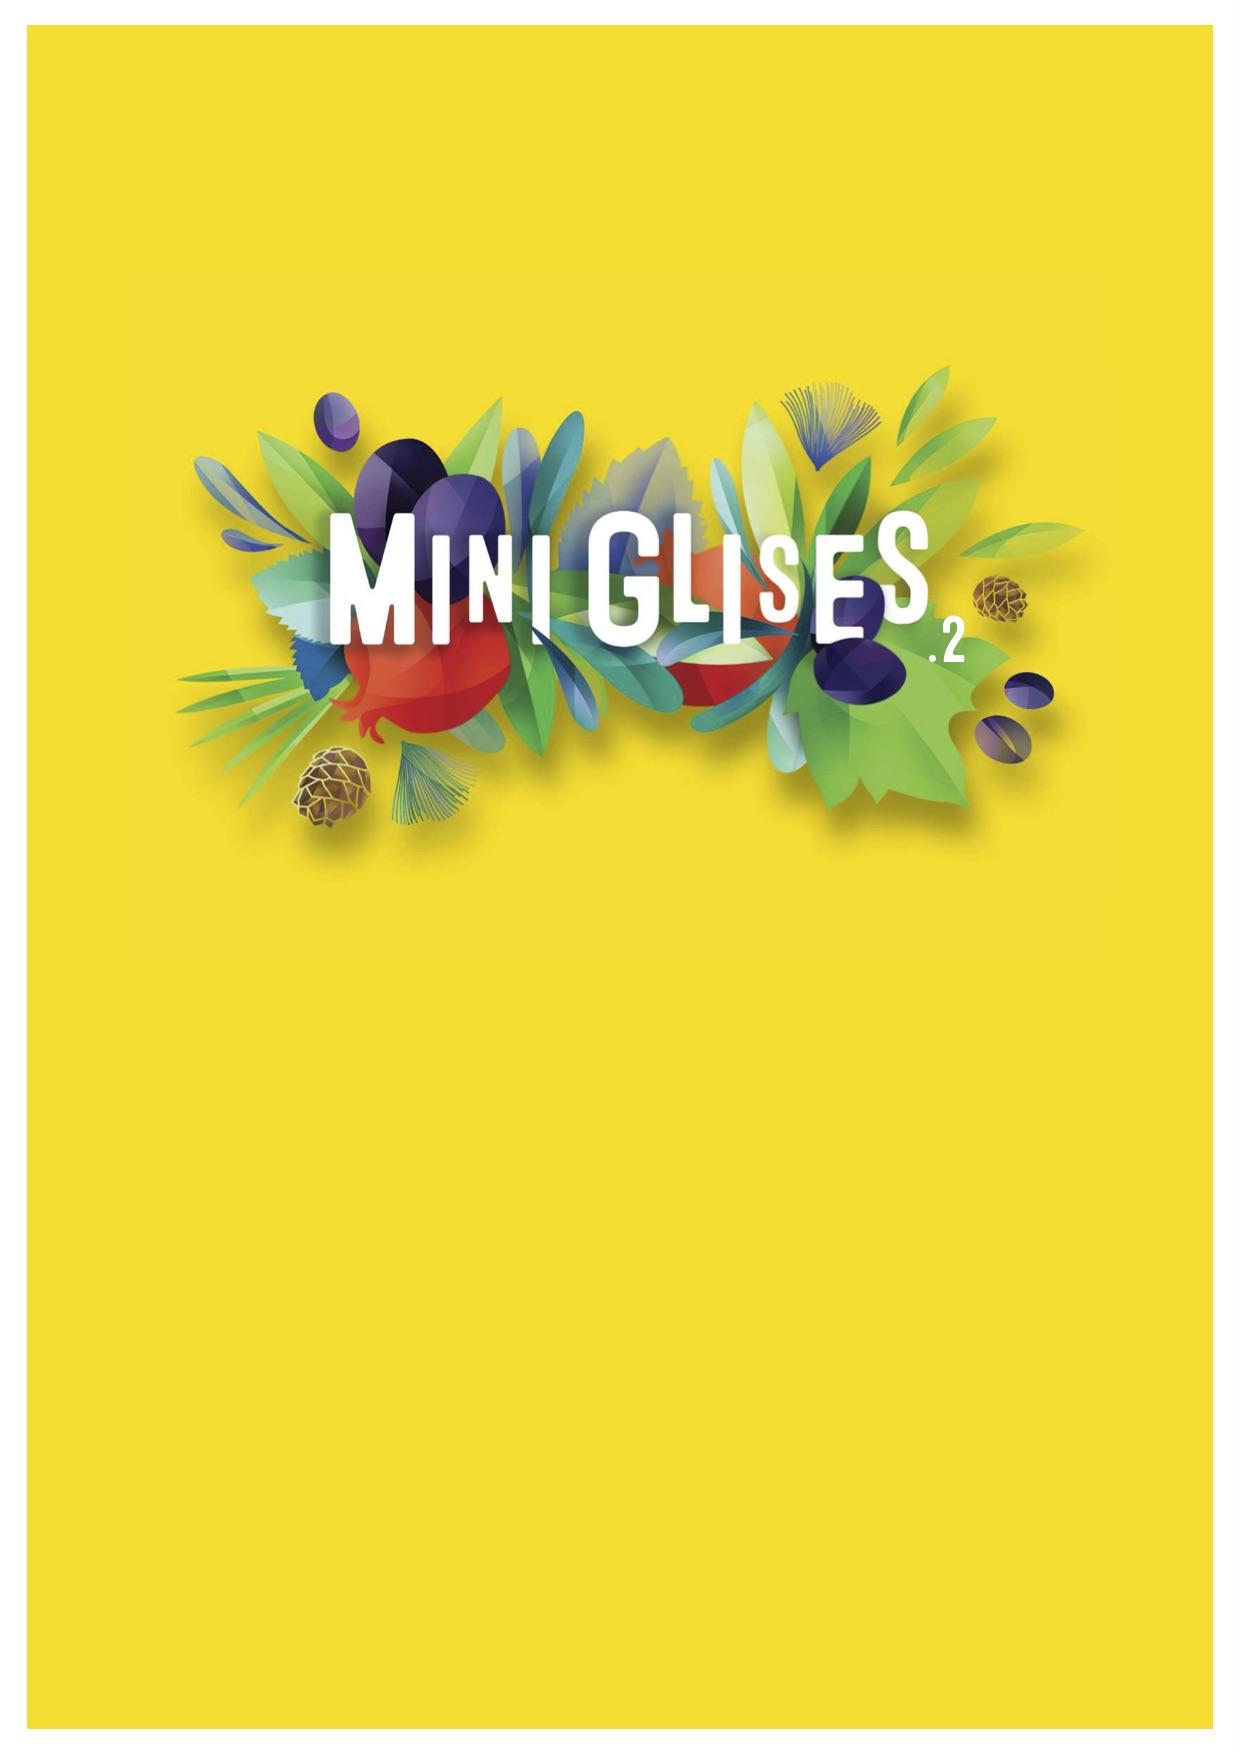 miniglise